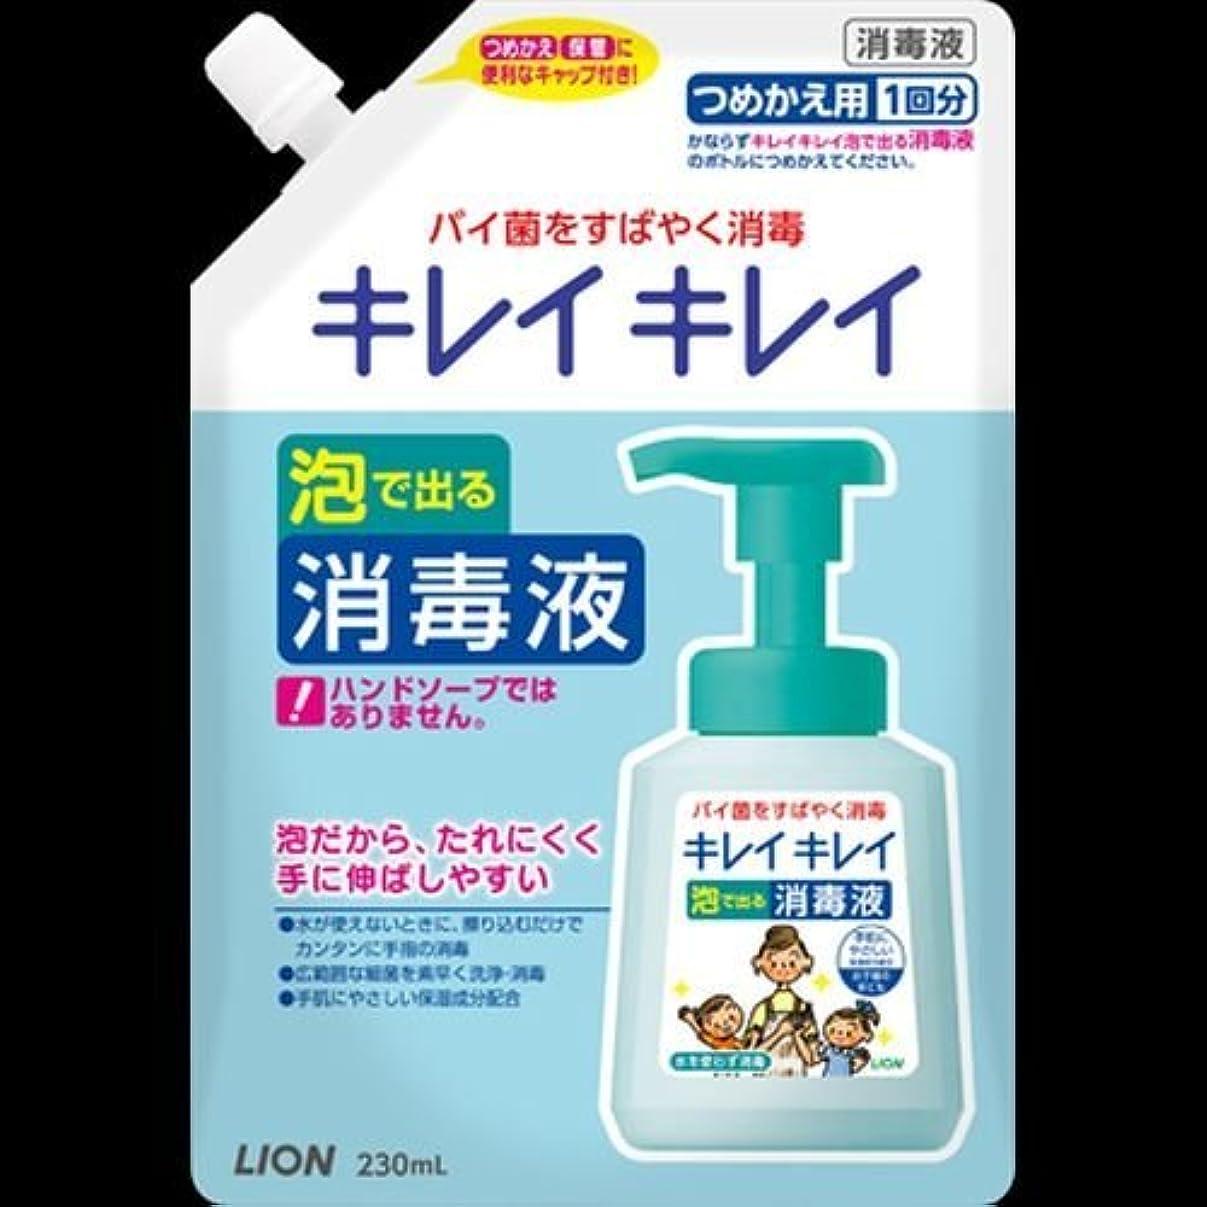 触覚刃雇ったキレイキレイ 薬用泡ででる消毒液 つめかえ用 230mL ×2セット